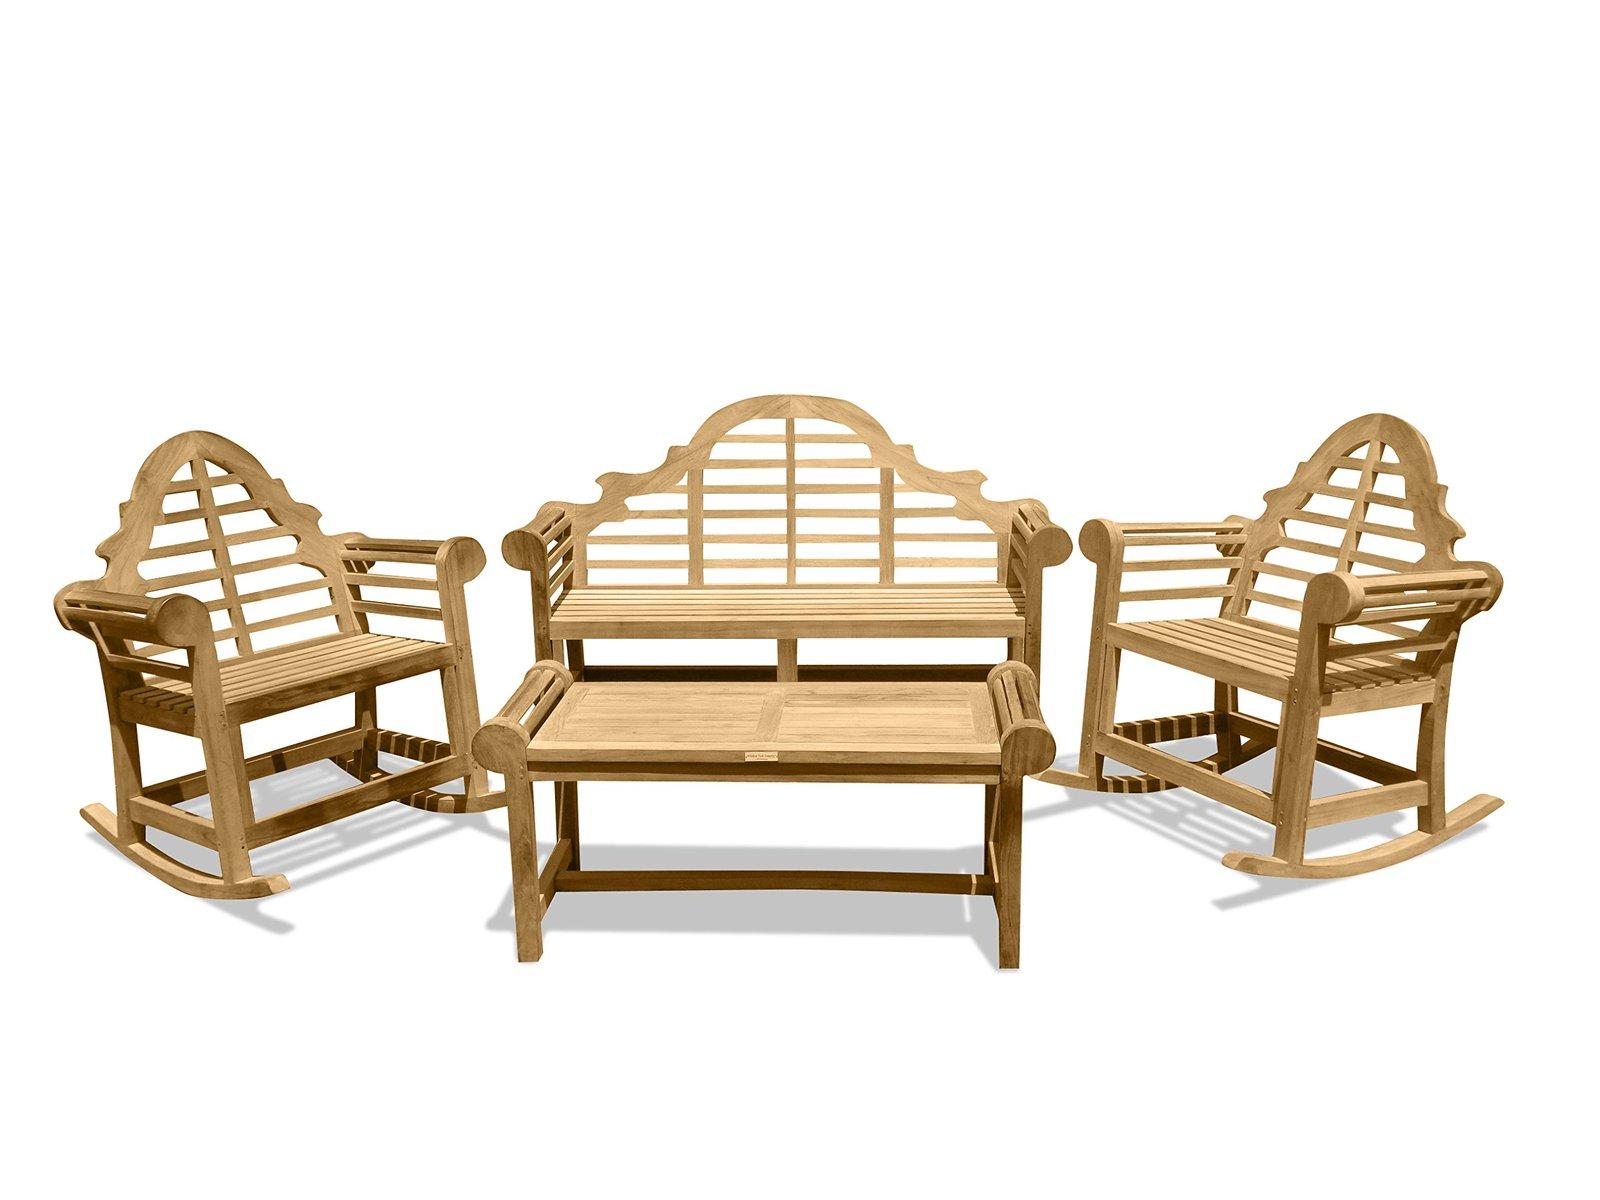 Windsor's Genuine Grade A Teak Lutyens 3 Seater Bench, 2 Single Rockers, & Table - $2,595.00